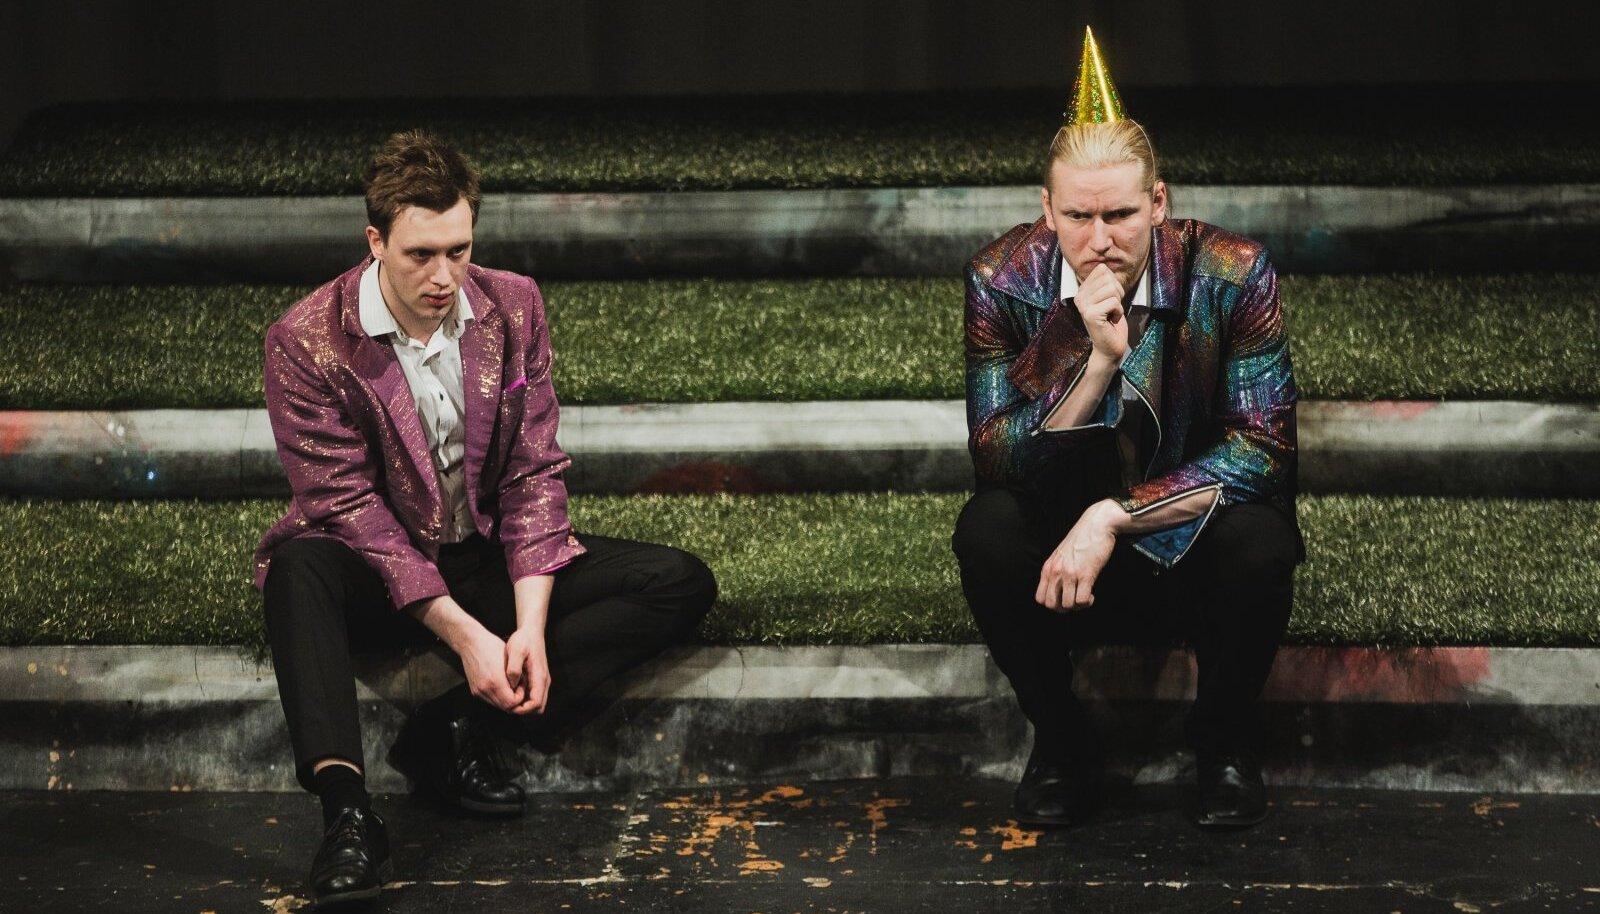 """KUIDAS ÜHENDADA LÕHESTUNUD ÜHISKONDA? Vastust sellele otsib sotsiaalmeediakampaania """"Kodukaar"""" meeskond (vasakult Andreas Aadel ja Martin Kork). """